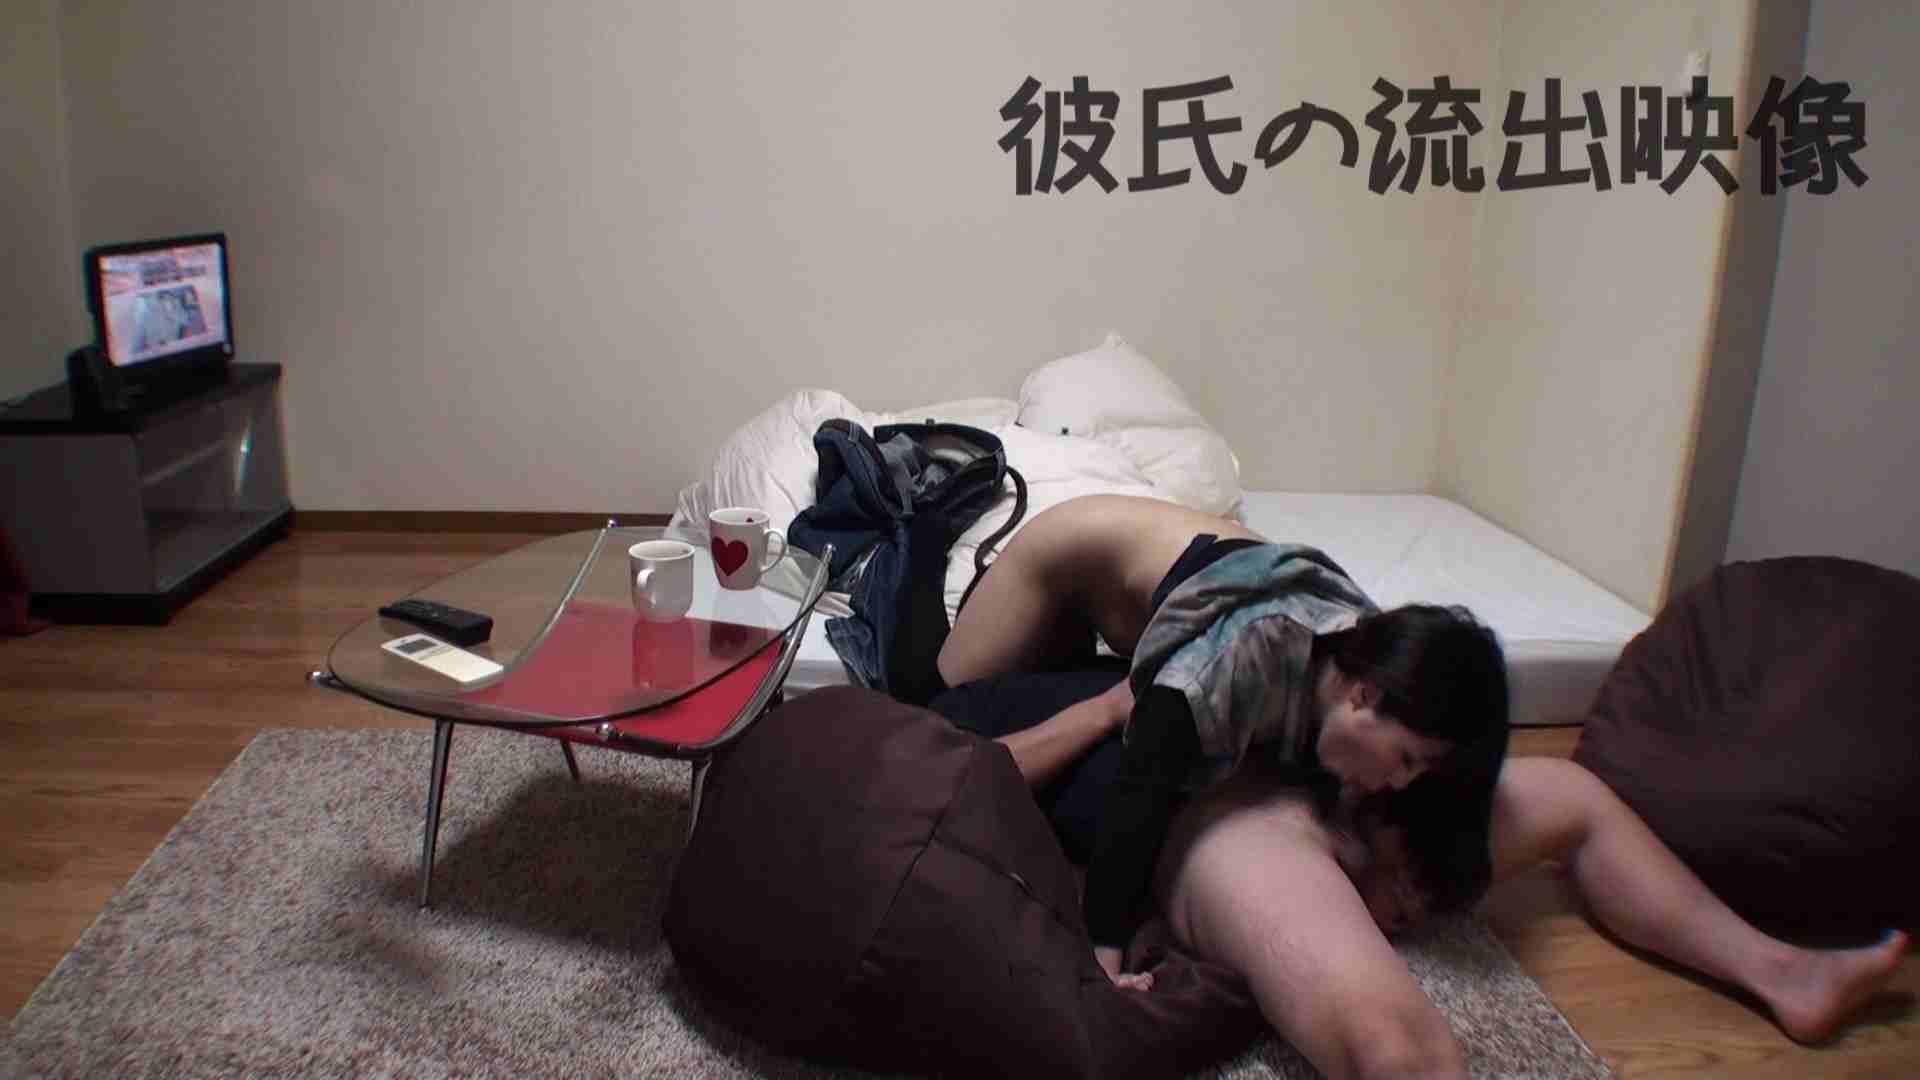 彼氏が流出 パイパン素人嬢のハメ撮り映像02 中出し ヌード画像 90連発 59